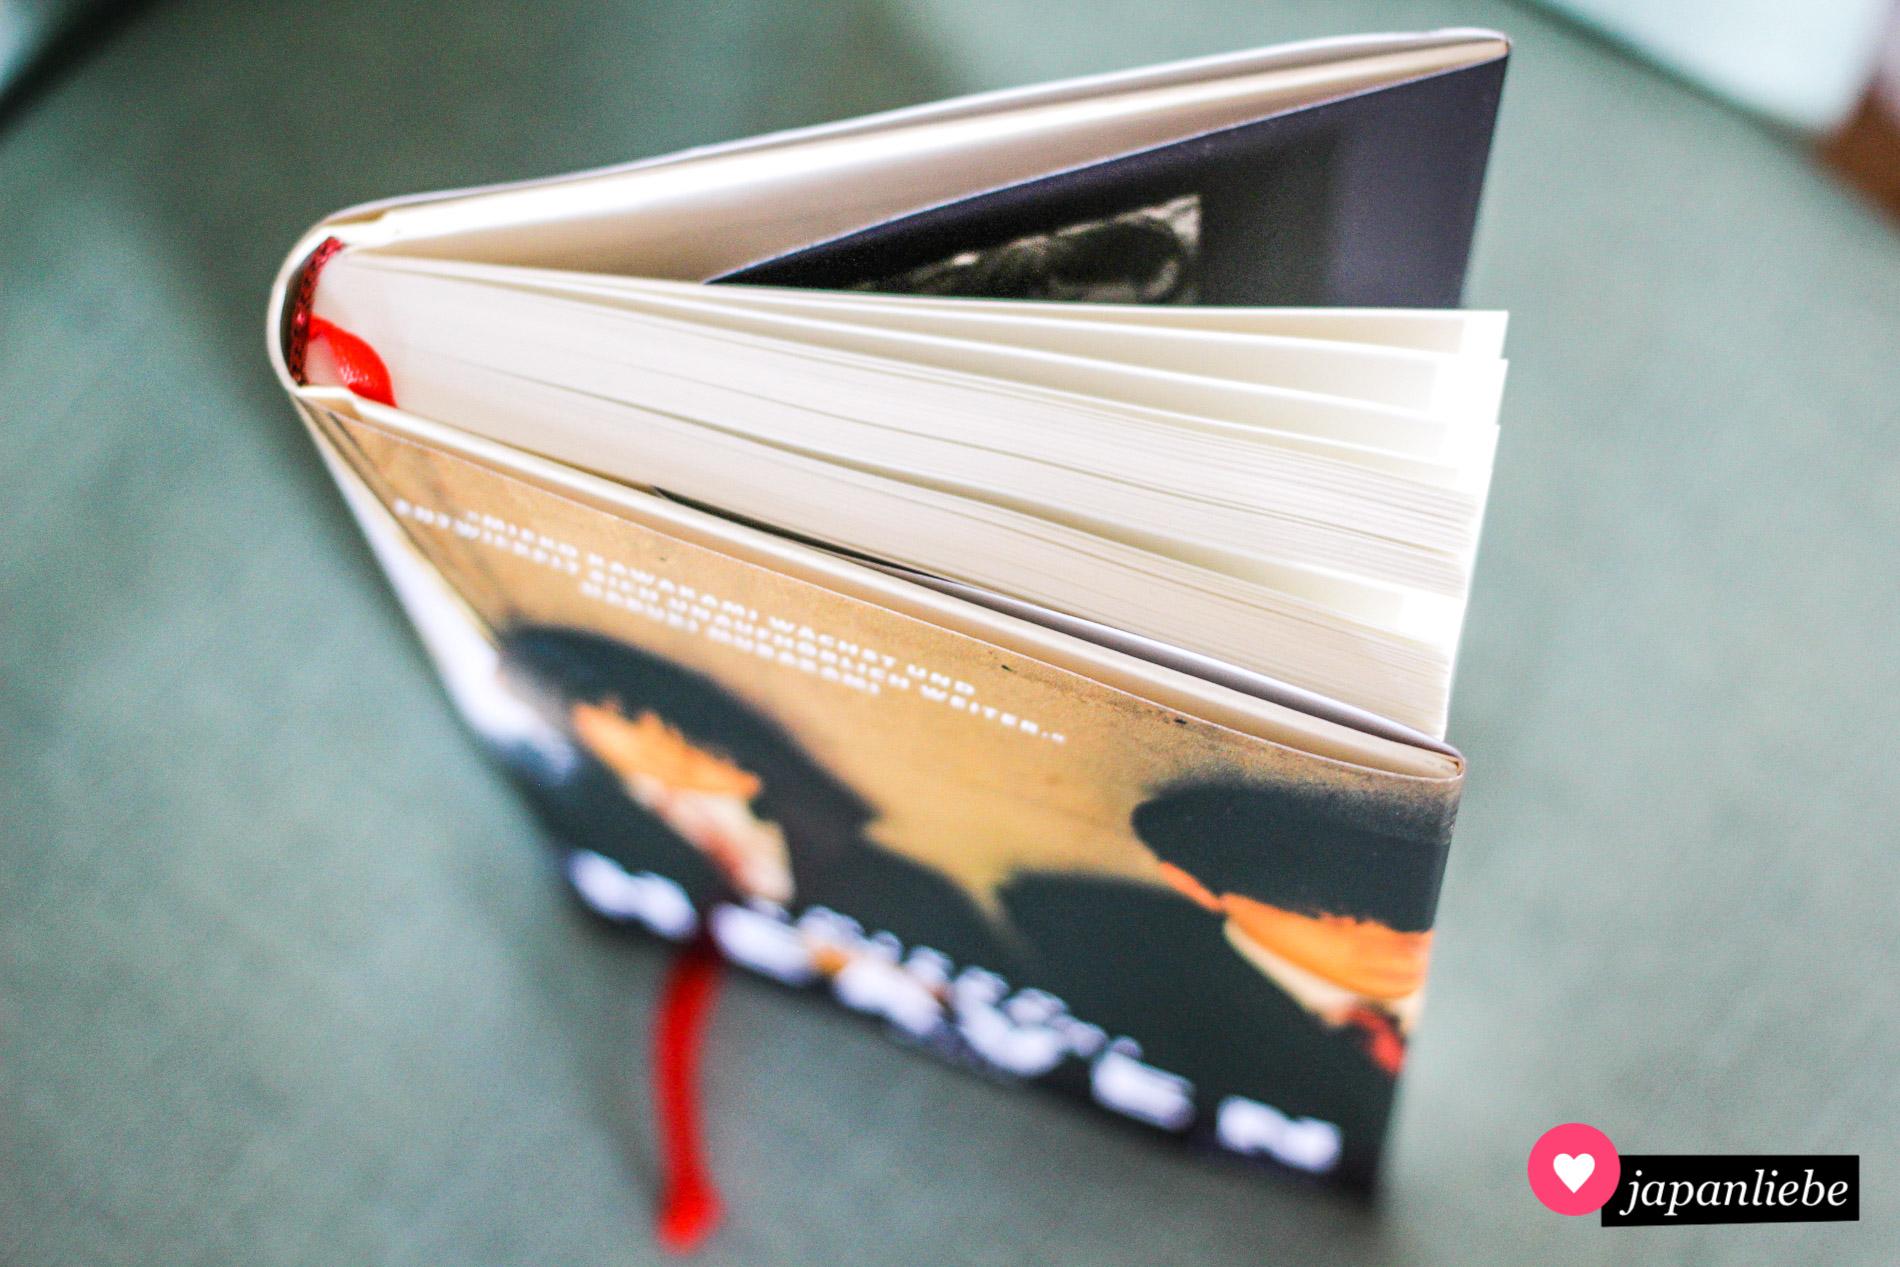 Mit weniger als 200 Seiten ist das Buch in Nullkommanix verschlungen.